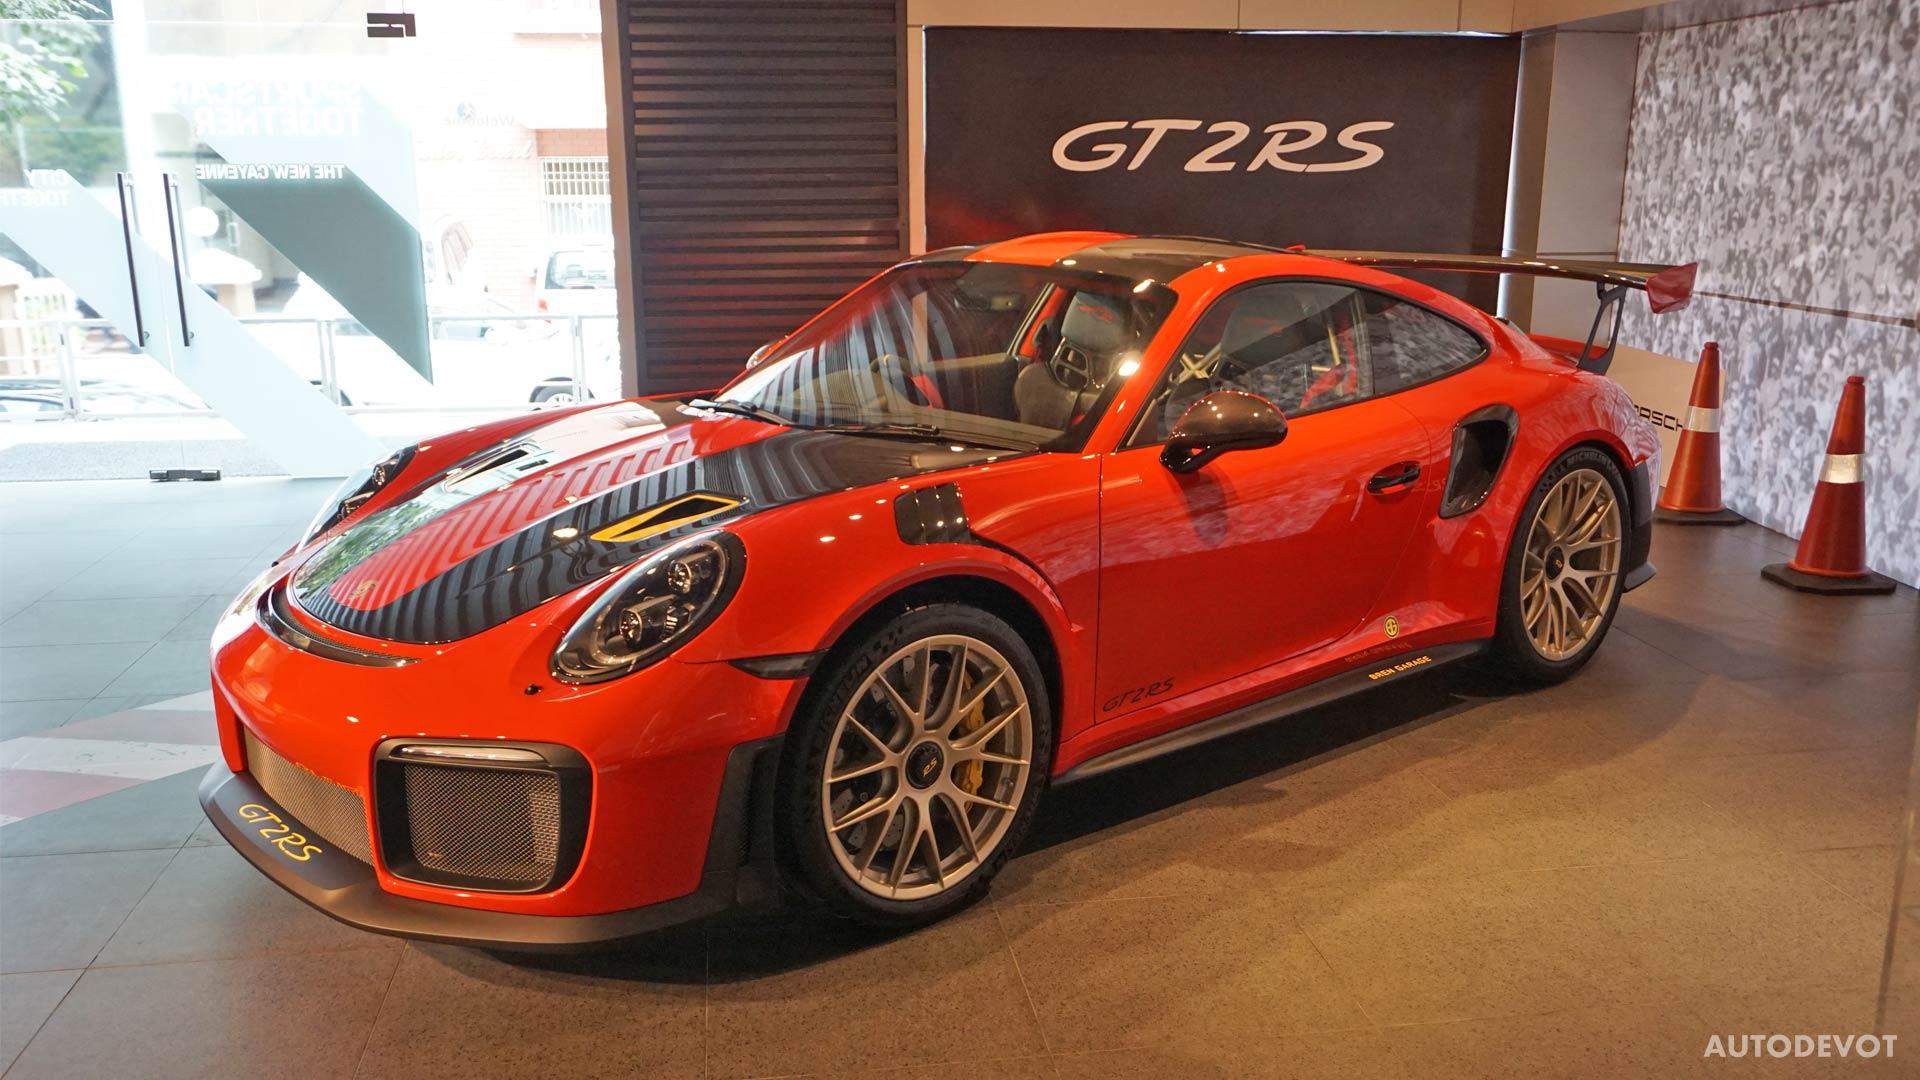 2018-Porsche-911-GT2-RS_8